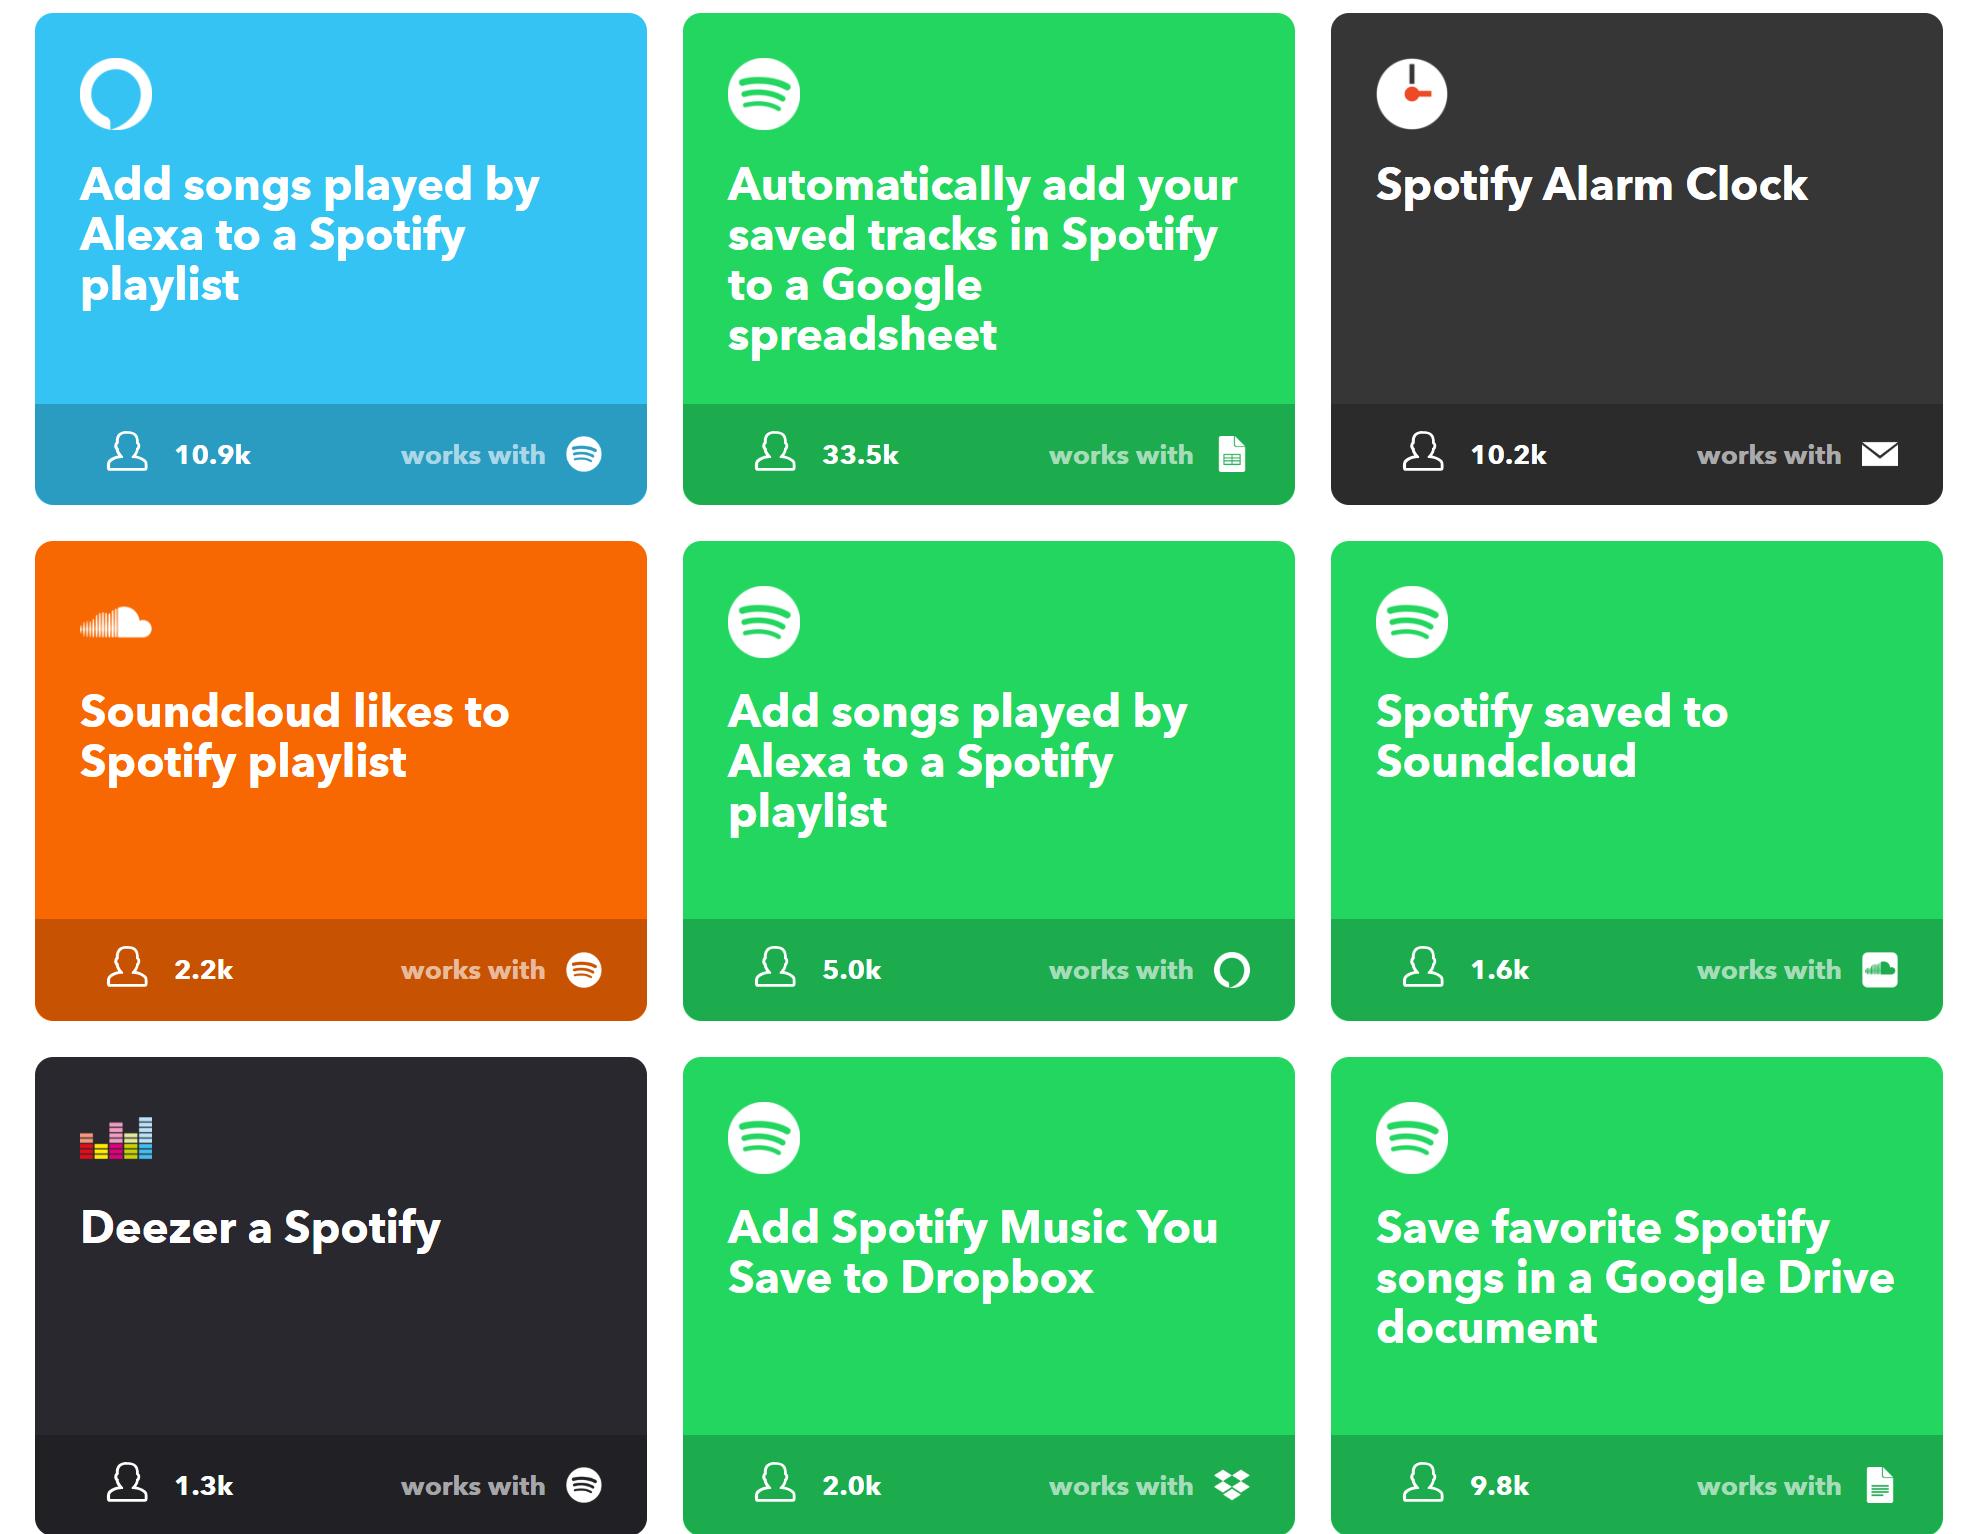 Jak automatycznie zapisywać playlisty na Spotify - poradnik